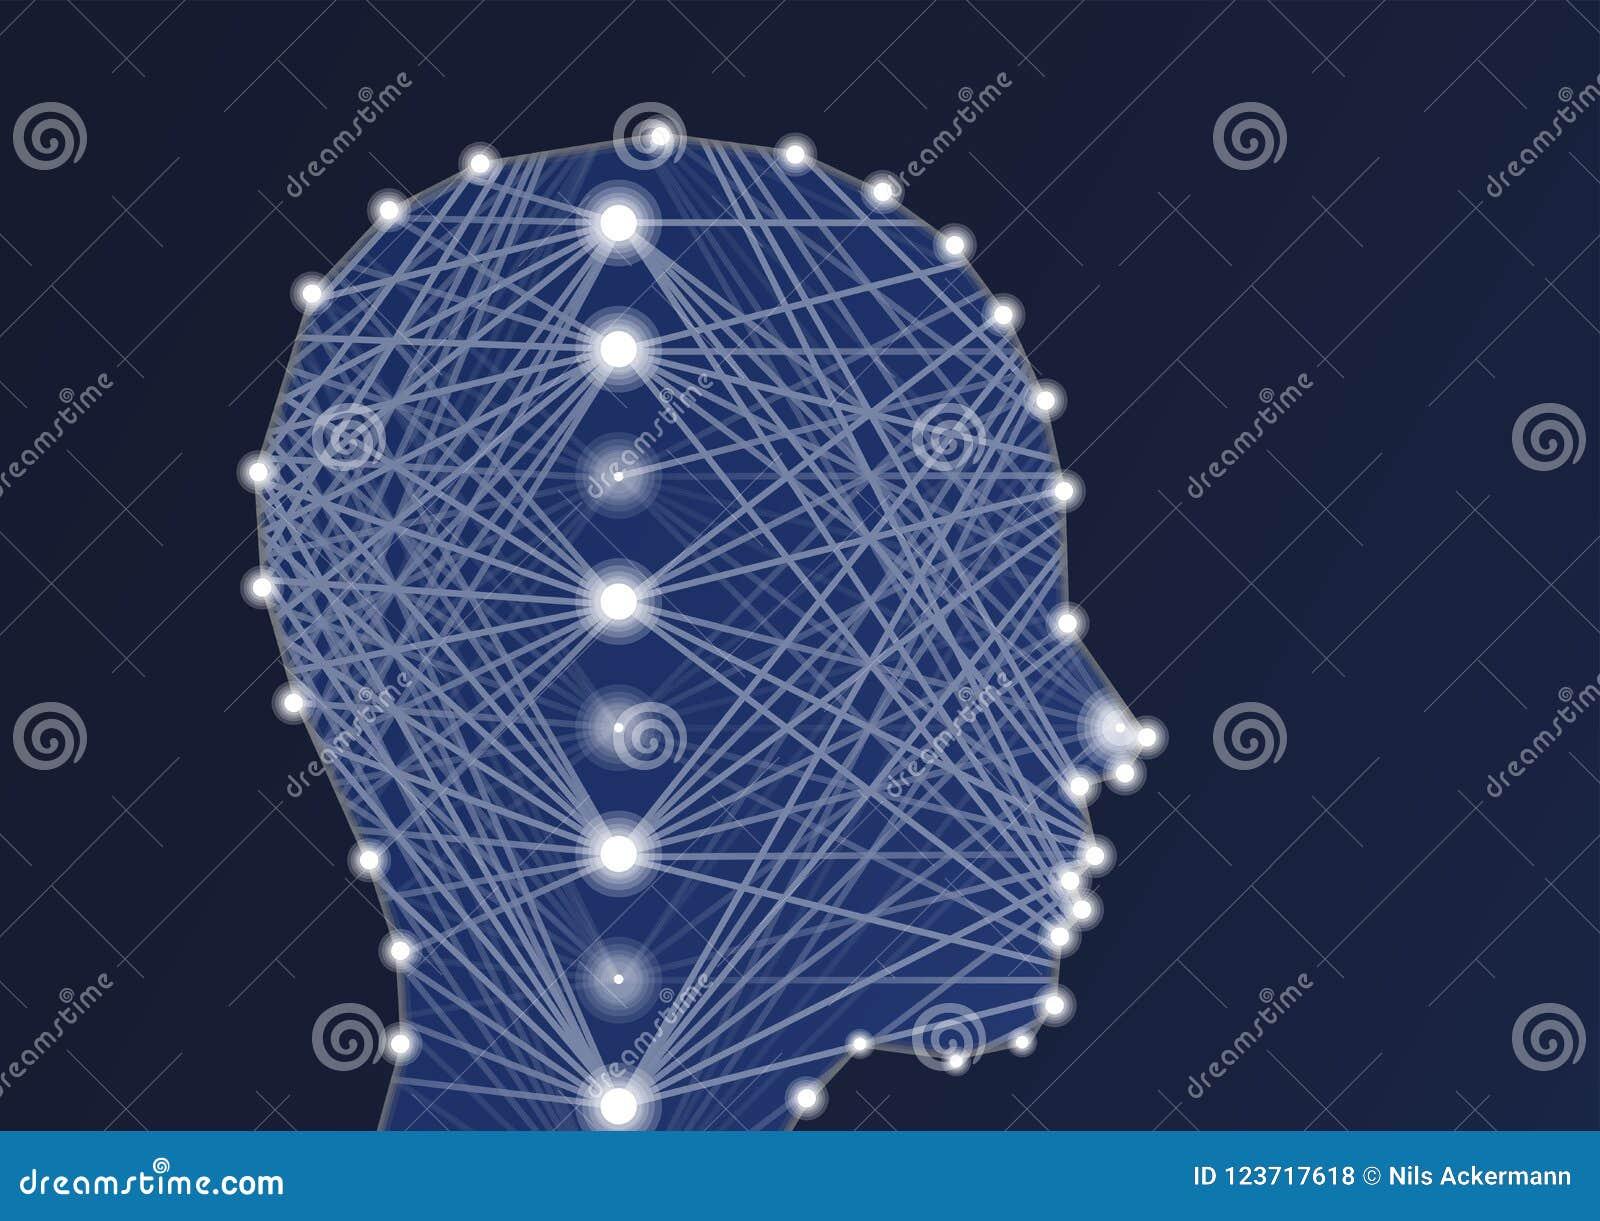 Ejemplo del AI de la inteligencia artificial con la red neuronal y la silueta profundas de la persona